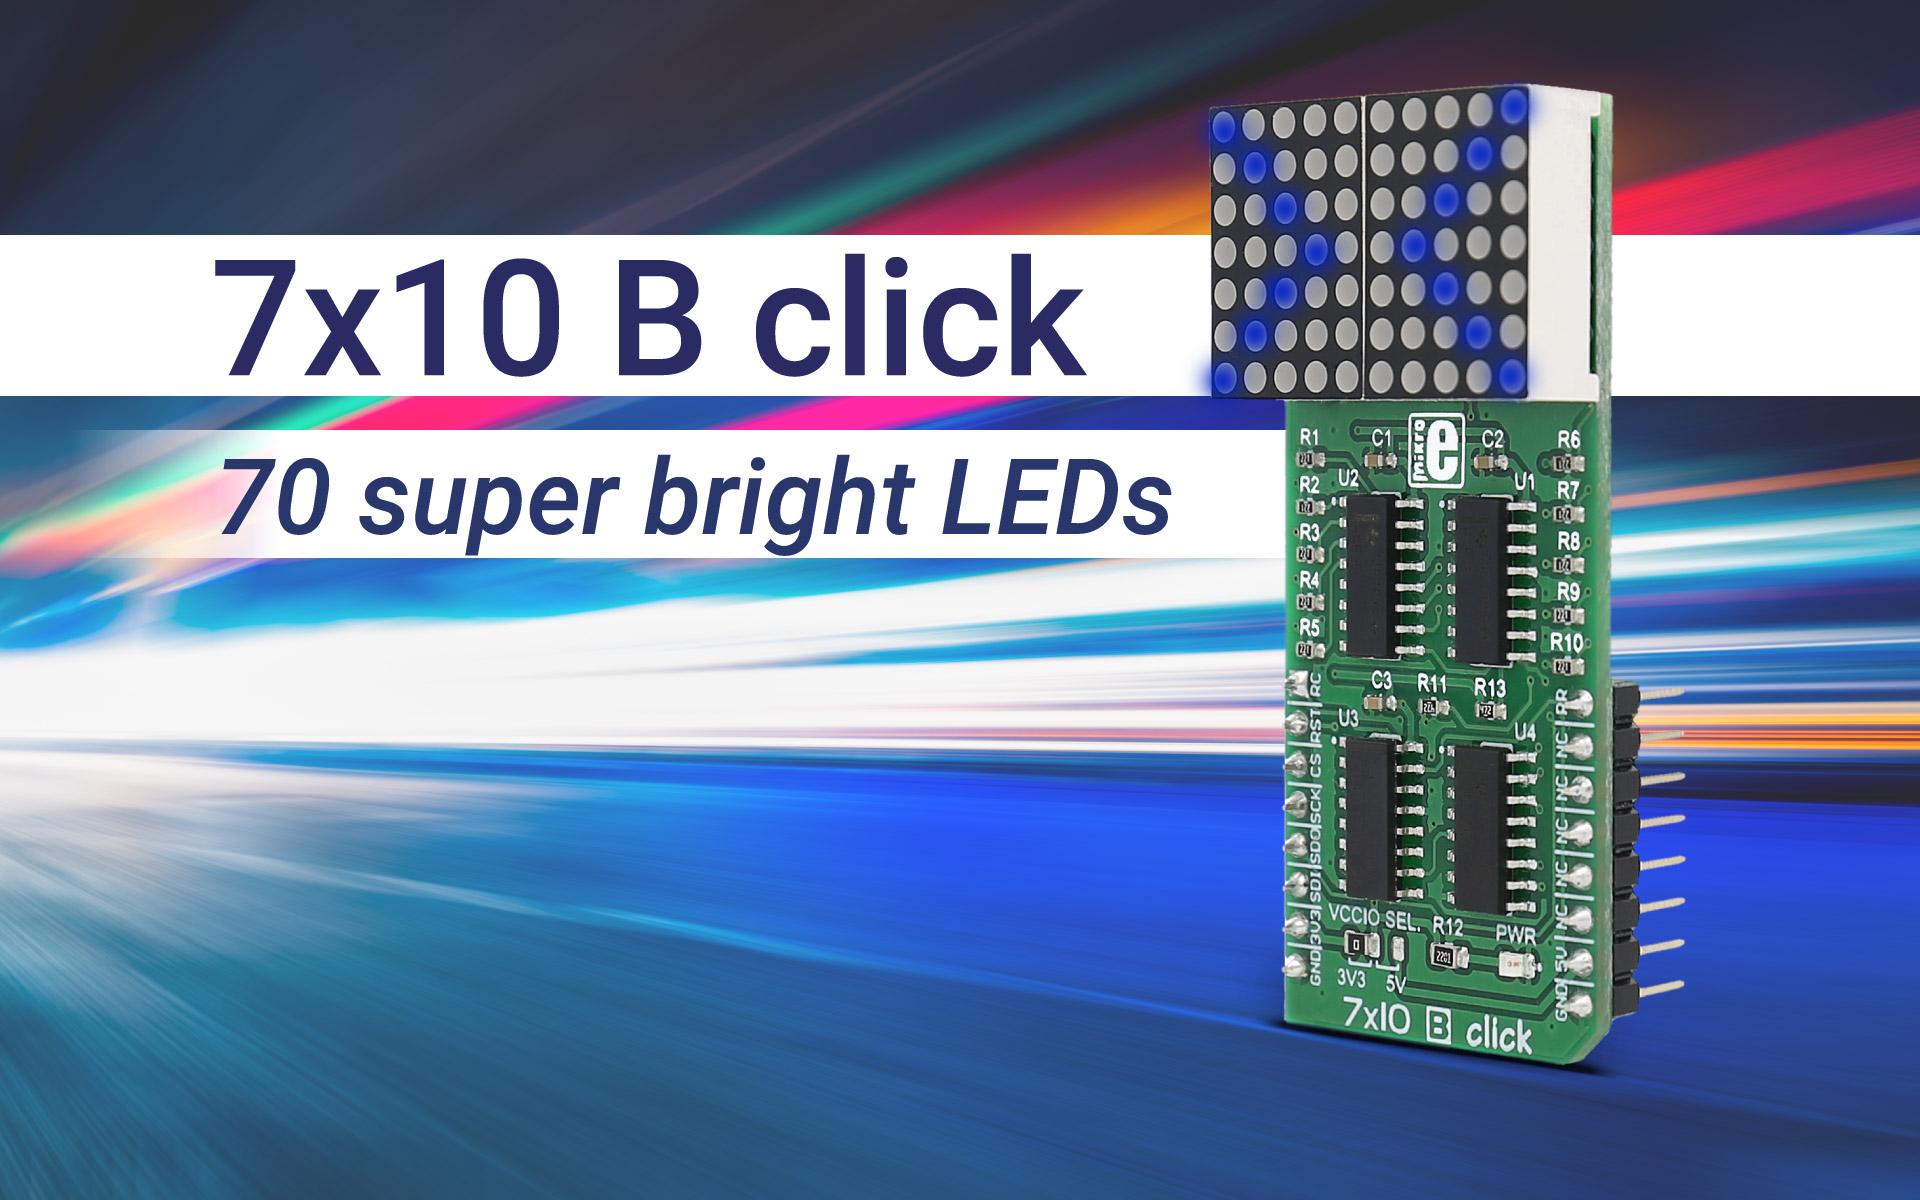 7x10 B click - deep blue LED matrix